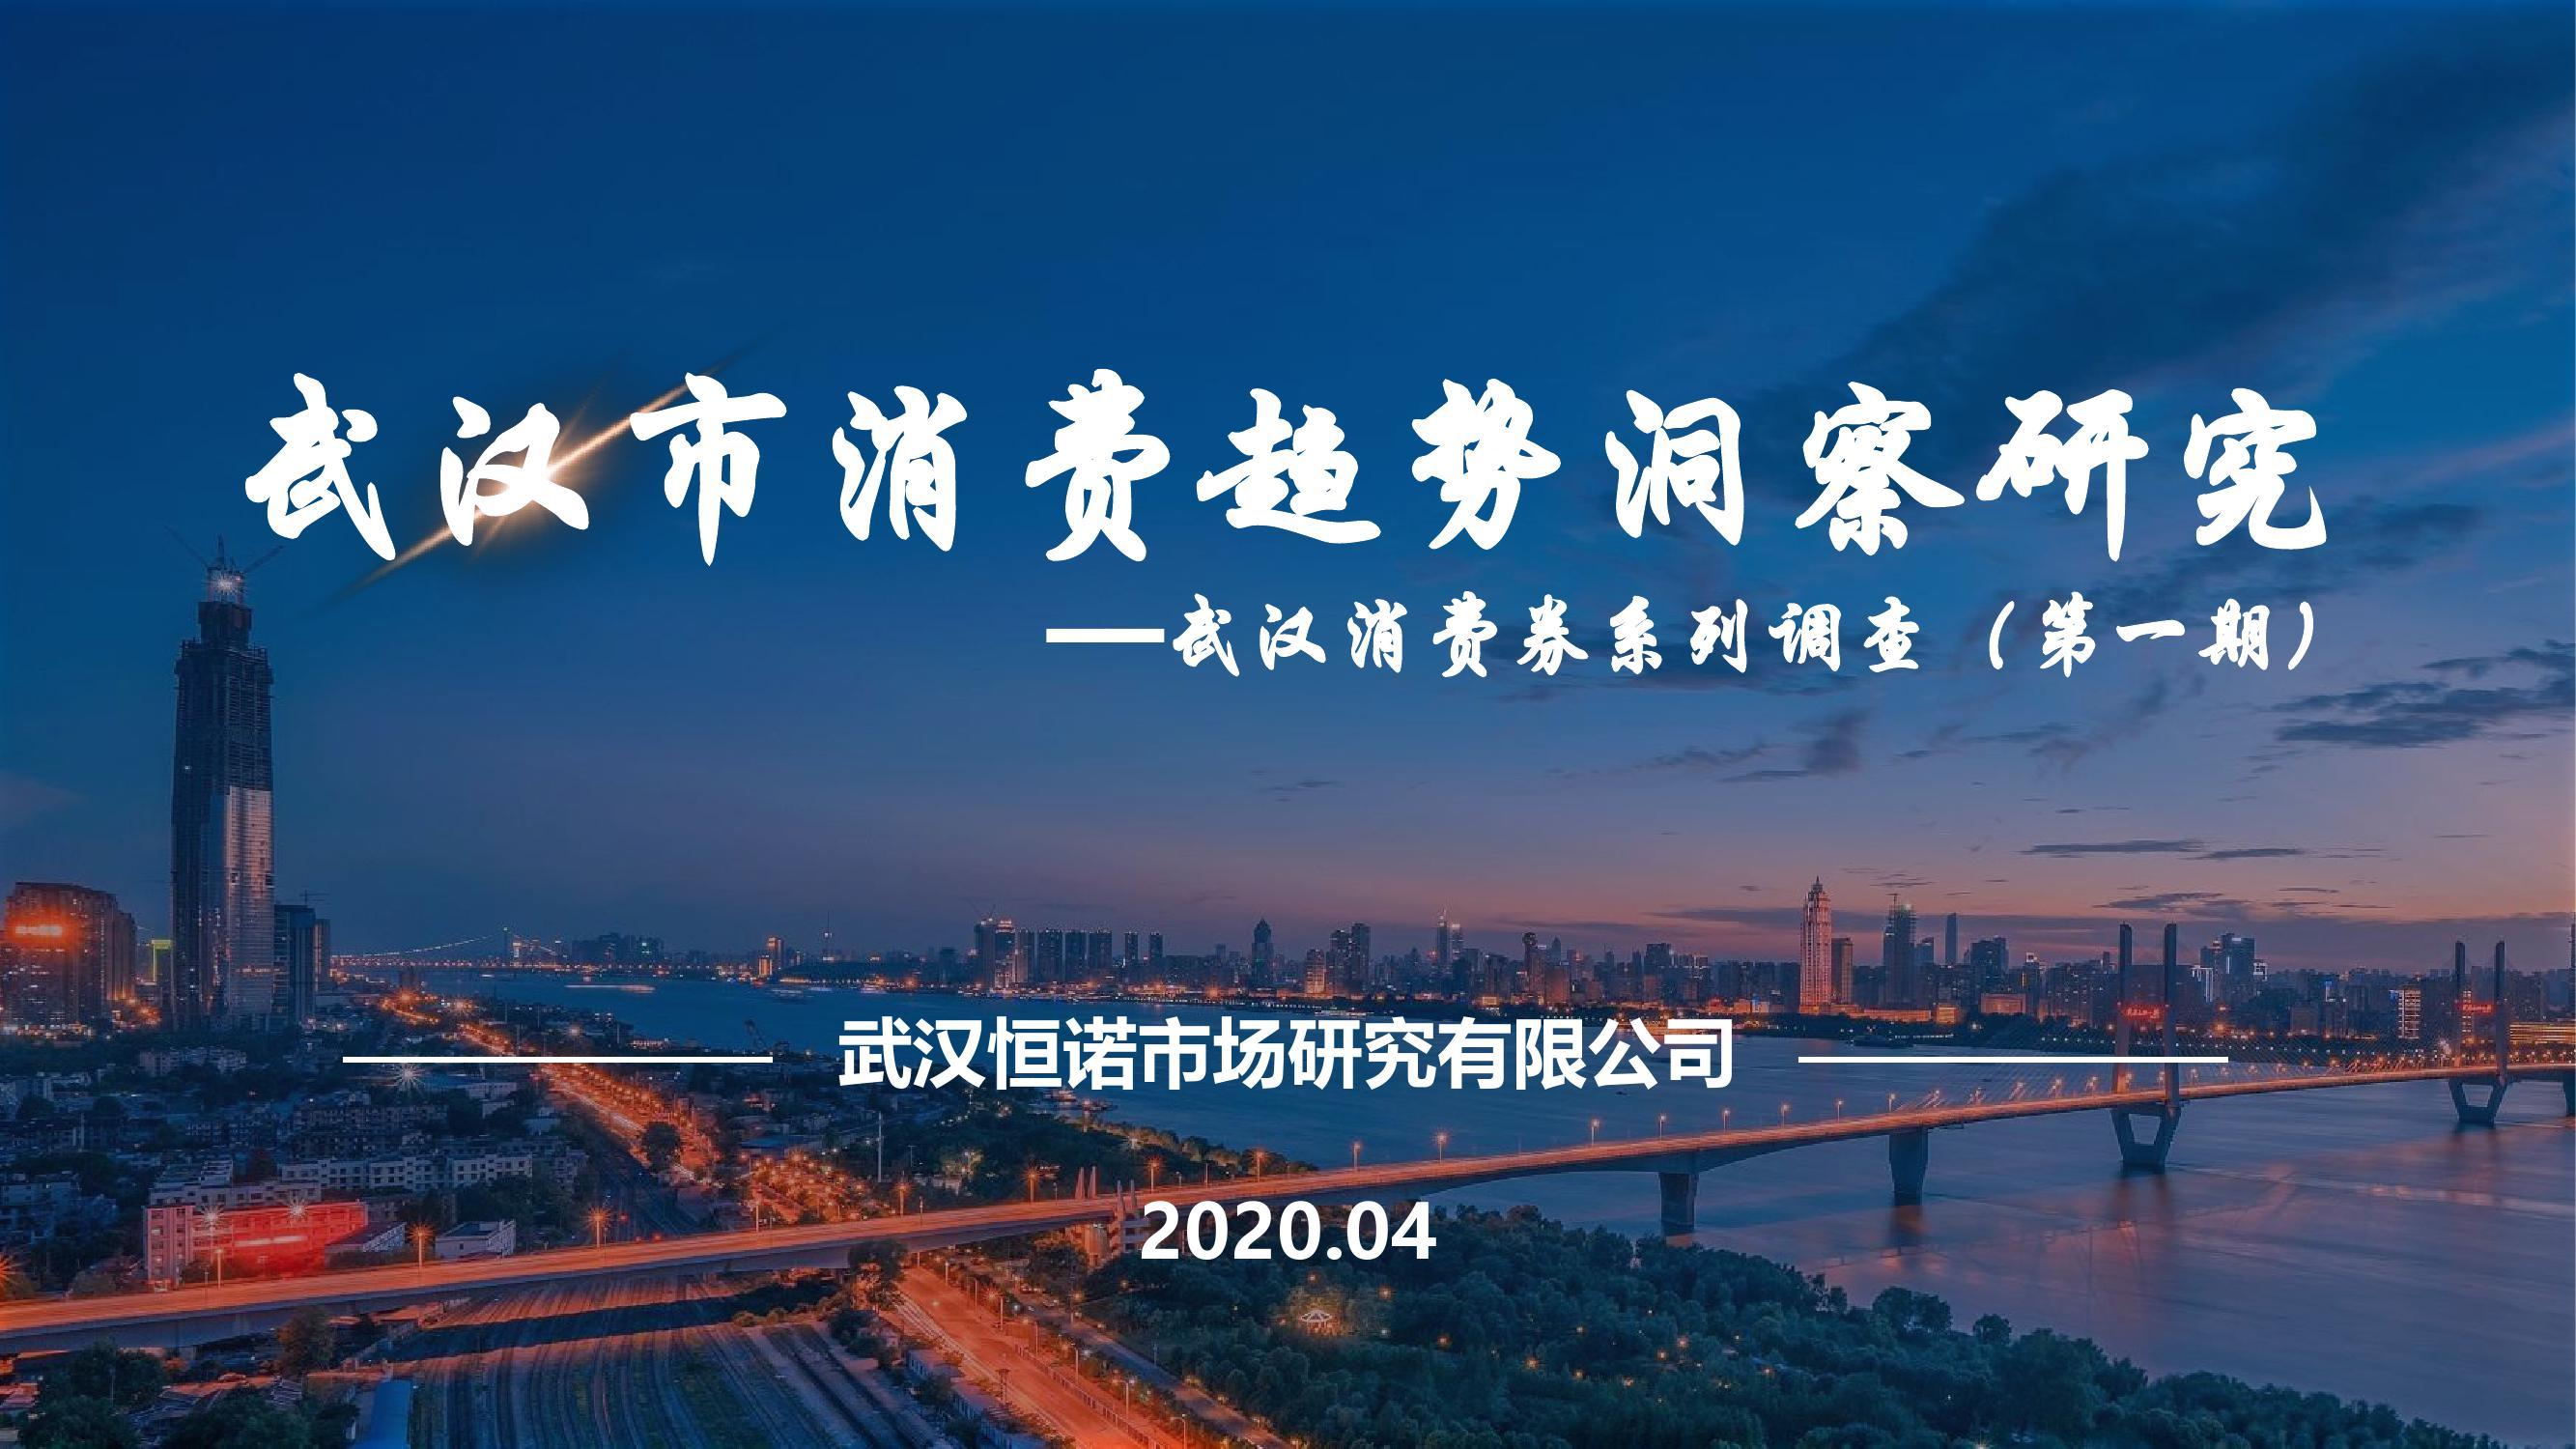 恒诺:武汉市消费趋势洞察研究(第一期)